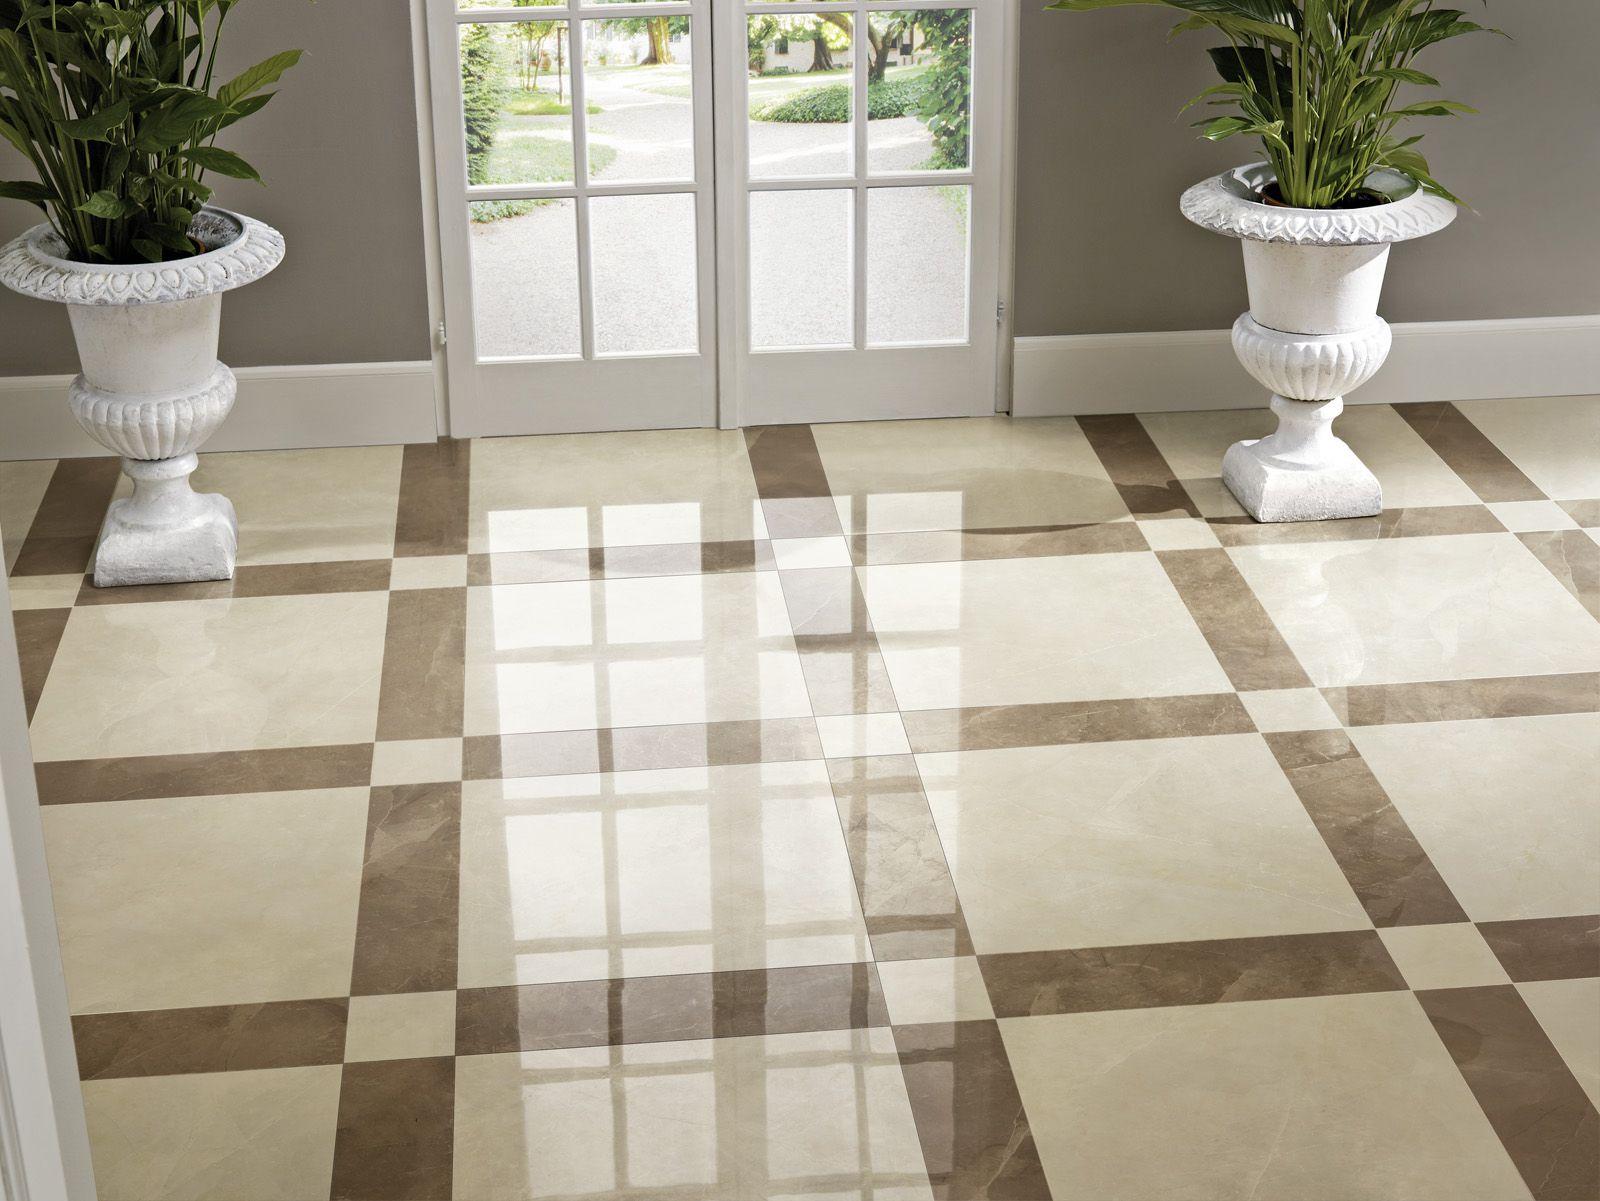 Evolutionmarble - Gres porcellanato effetto marmo | Marazzi | casa ...